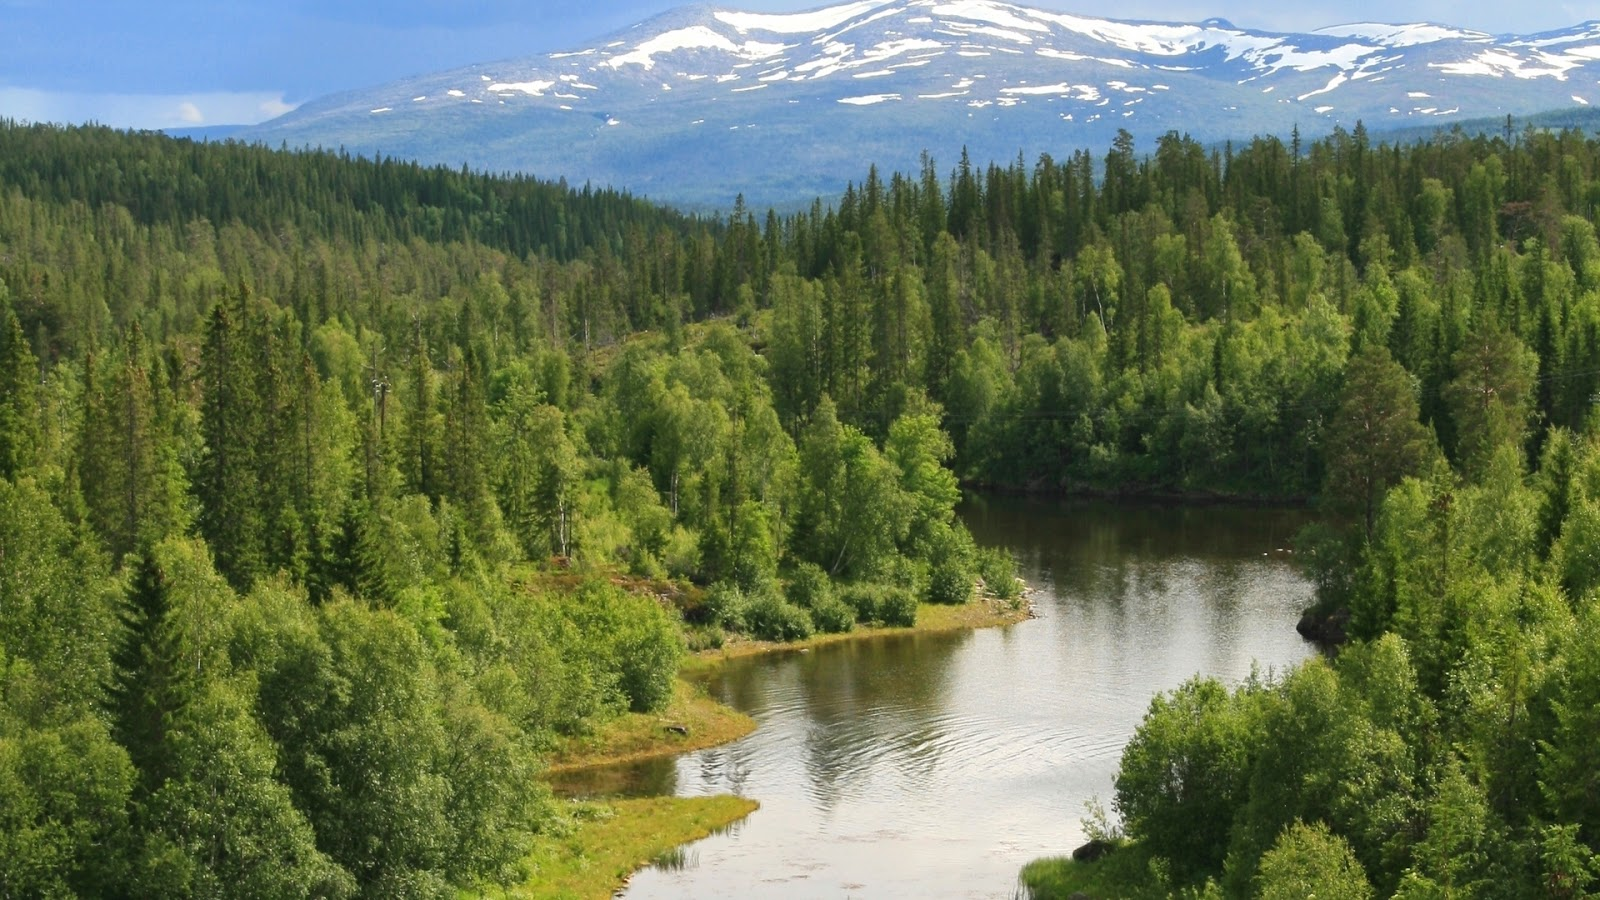 Desktop achtergrond met een landschap met een rivier door de groene